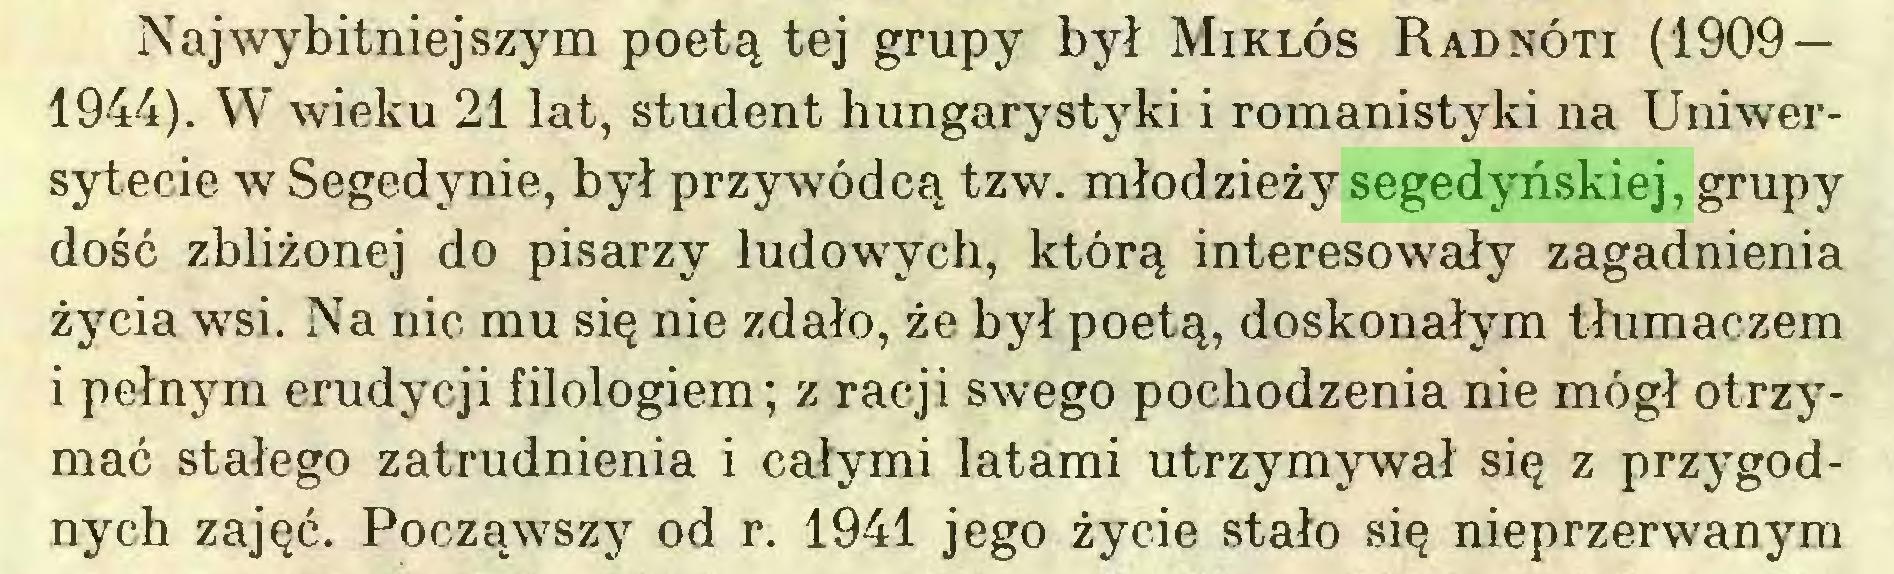 (...) Najwybitniejszym poetą tej grupy był Miklós Radnóti (1909 — 1944). W wieku 21 lat, student hungarystyki i romanistyki na Uniwersytecie w Segedynie, był przywódcą tzw. młodzieży segedyńskiej, grupy dość zbliżonej do pisarzy ludowych, którą interesowały zagadnienia życia wsi. Na nic mu się nie zdało, że był poetą, doskonałym tłumaczem i pełnym erudycji filologiem; z racji swego pochodzenia nie mógł otrzymać stałego zatrudnienia i całymi latami utrzymywał się z przygodnych zajęć. Począwszy od r. 1941 jego życie stało się nieprzerwanym...